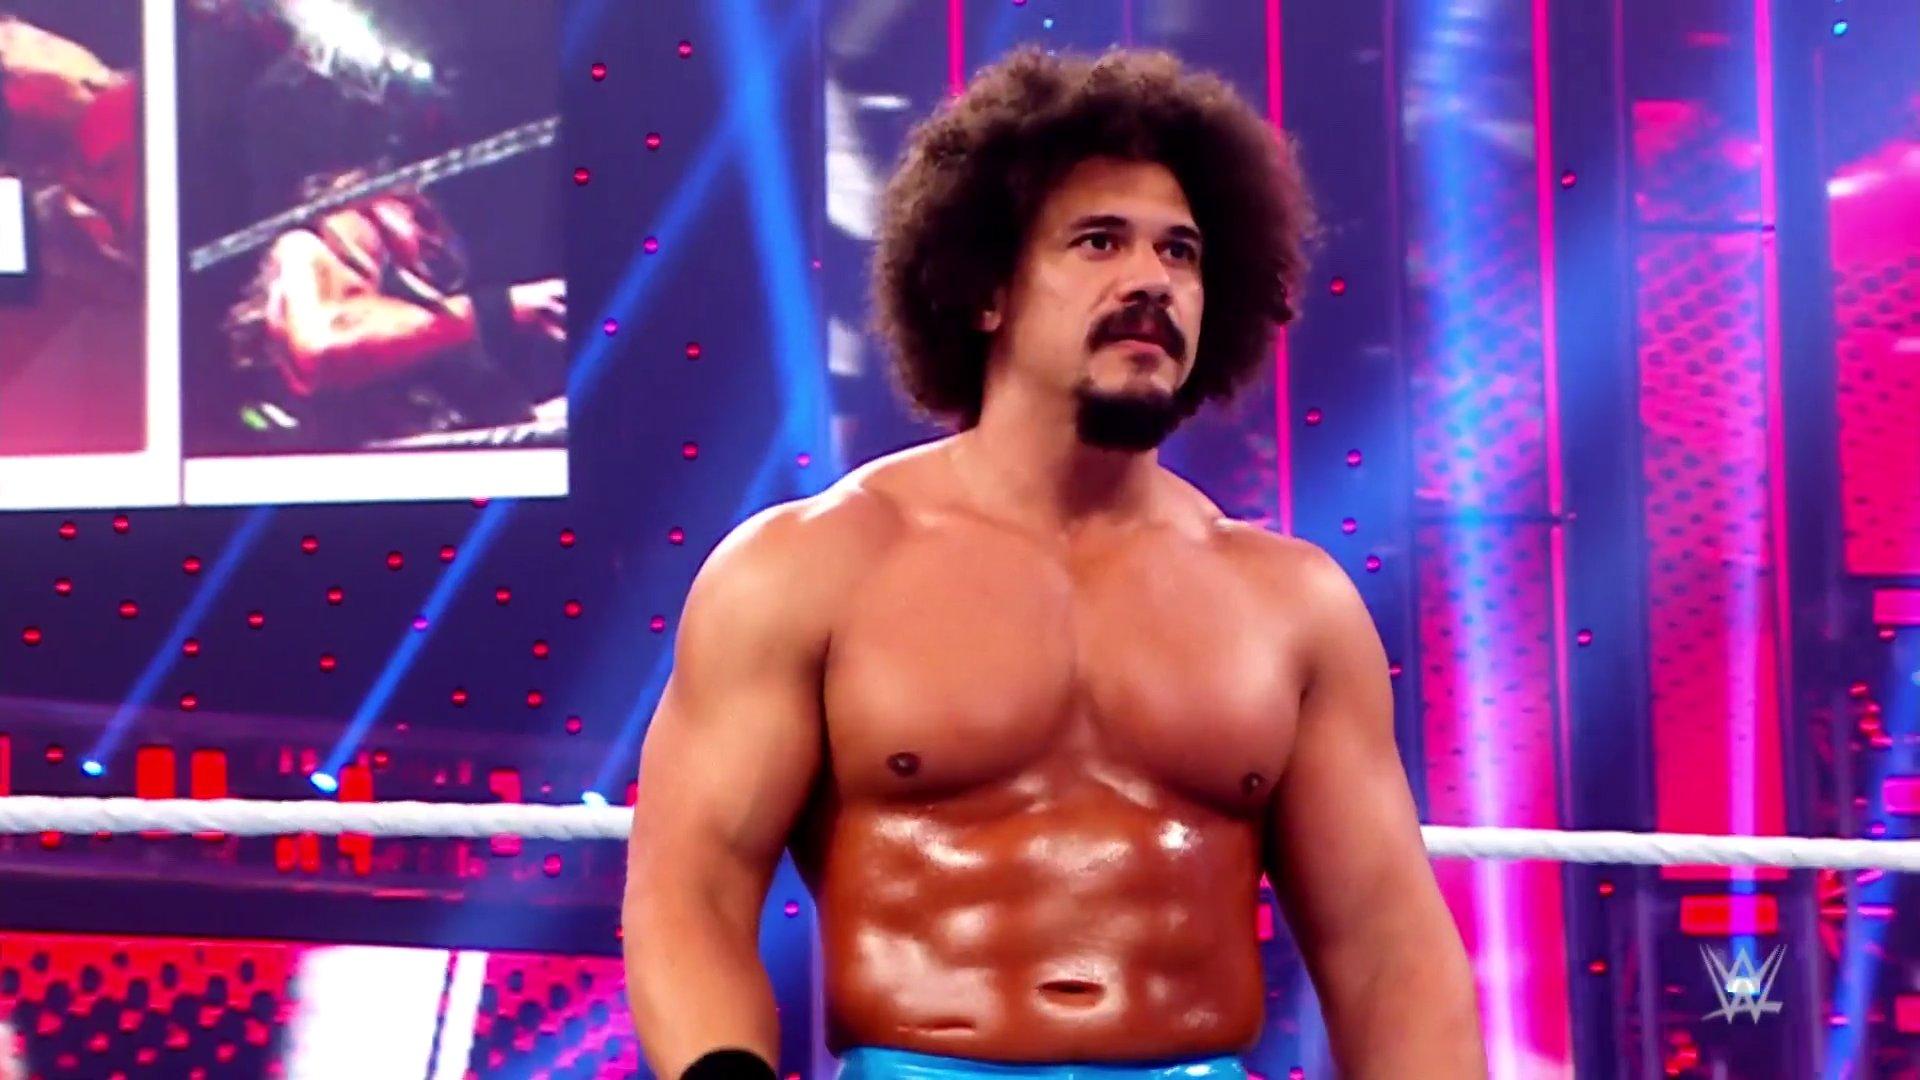 Carlito volta a lutar no WWE RAW após 10 anos